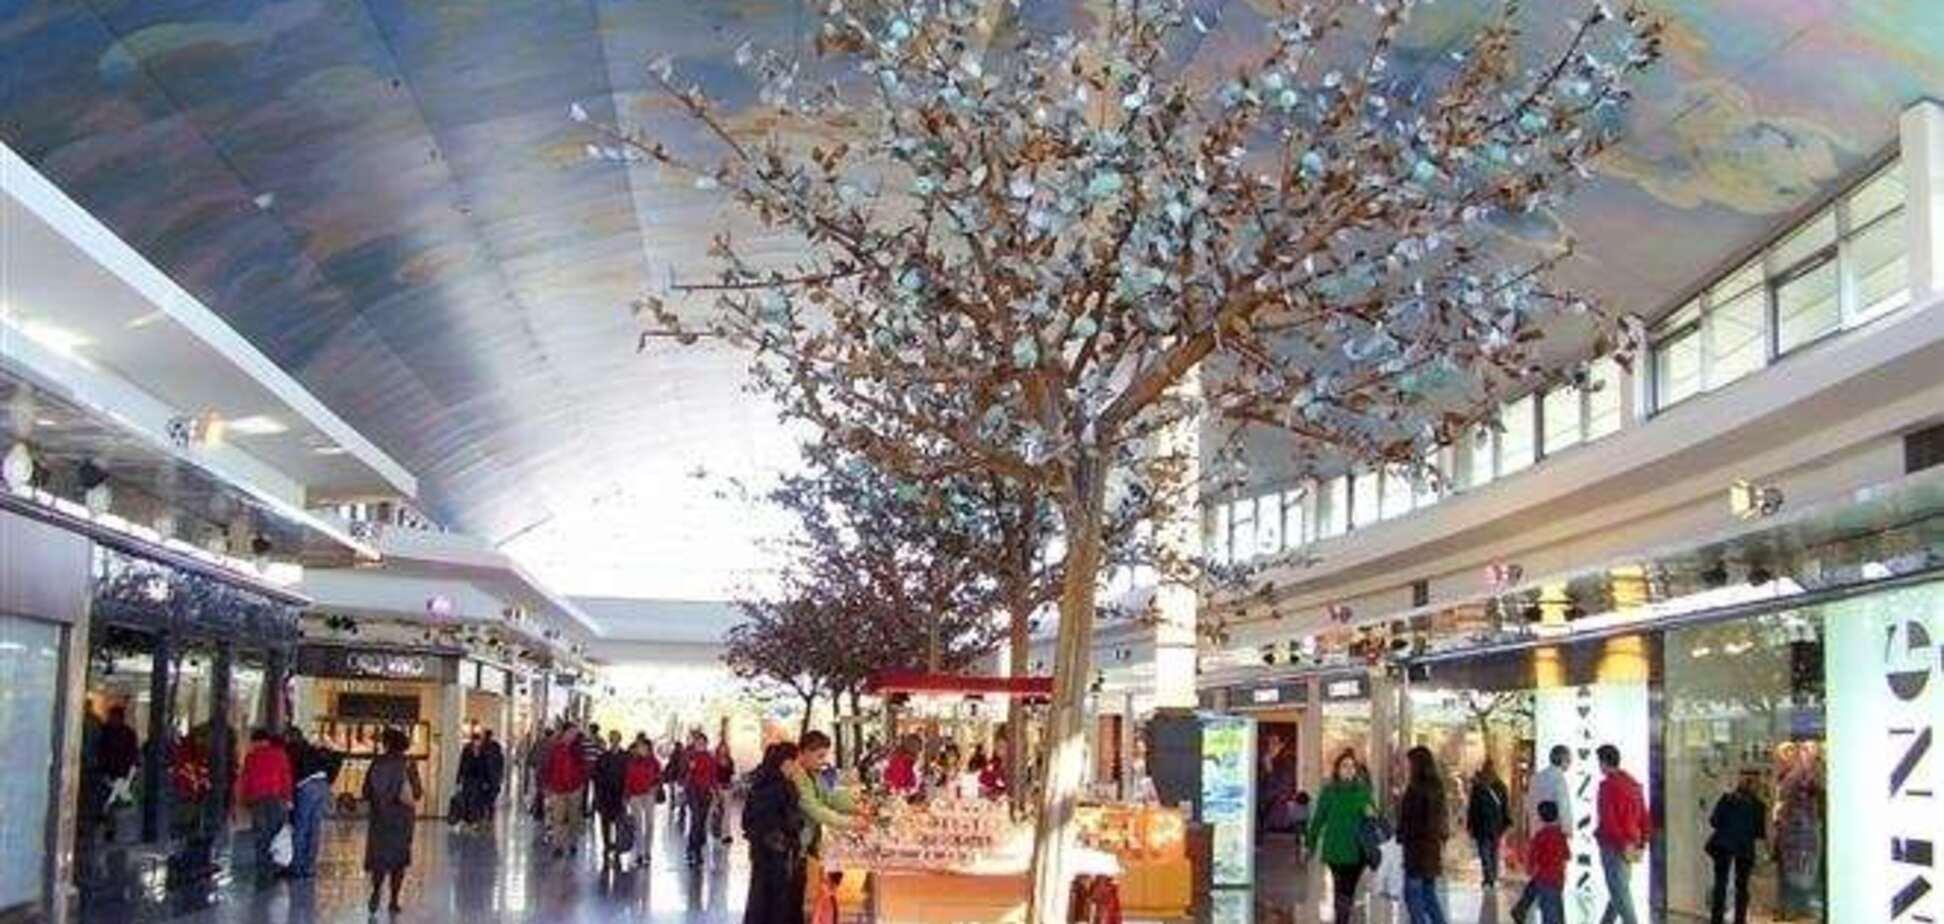 Британо-канадское СП купило один из лучших торговых центров в Испании